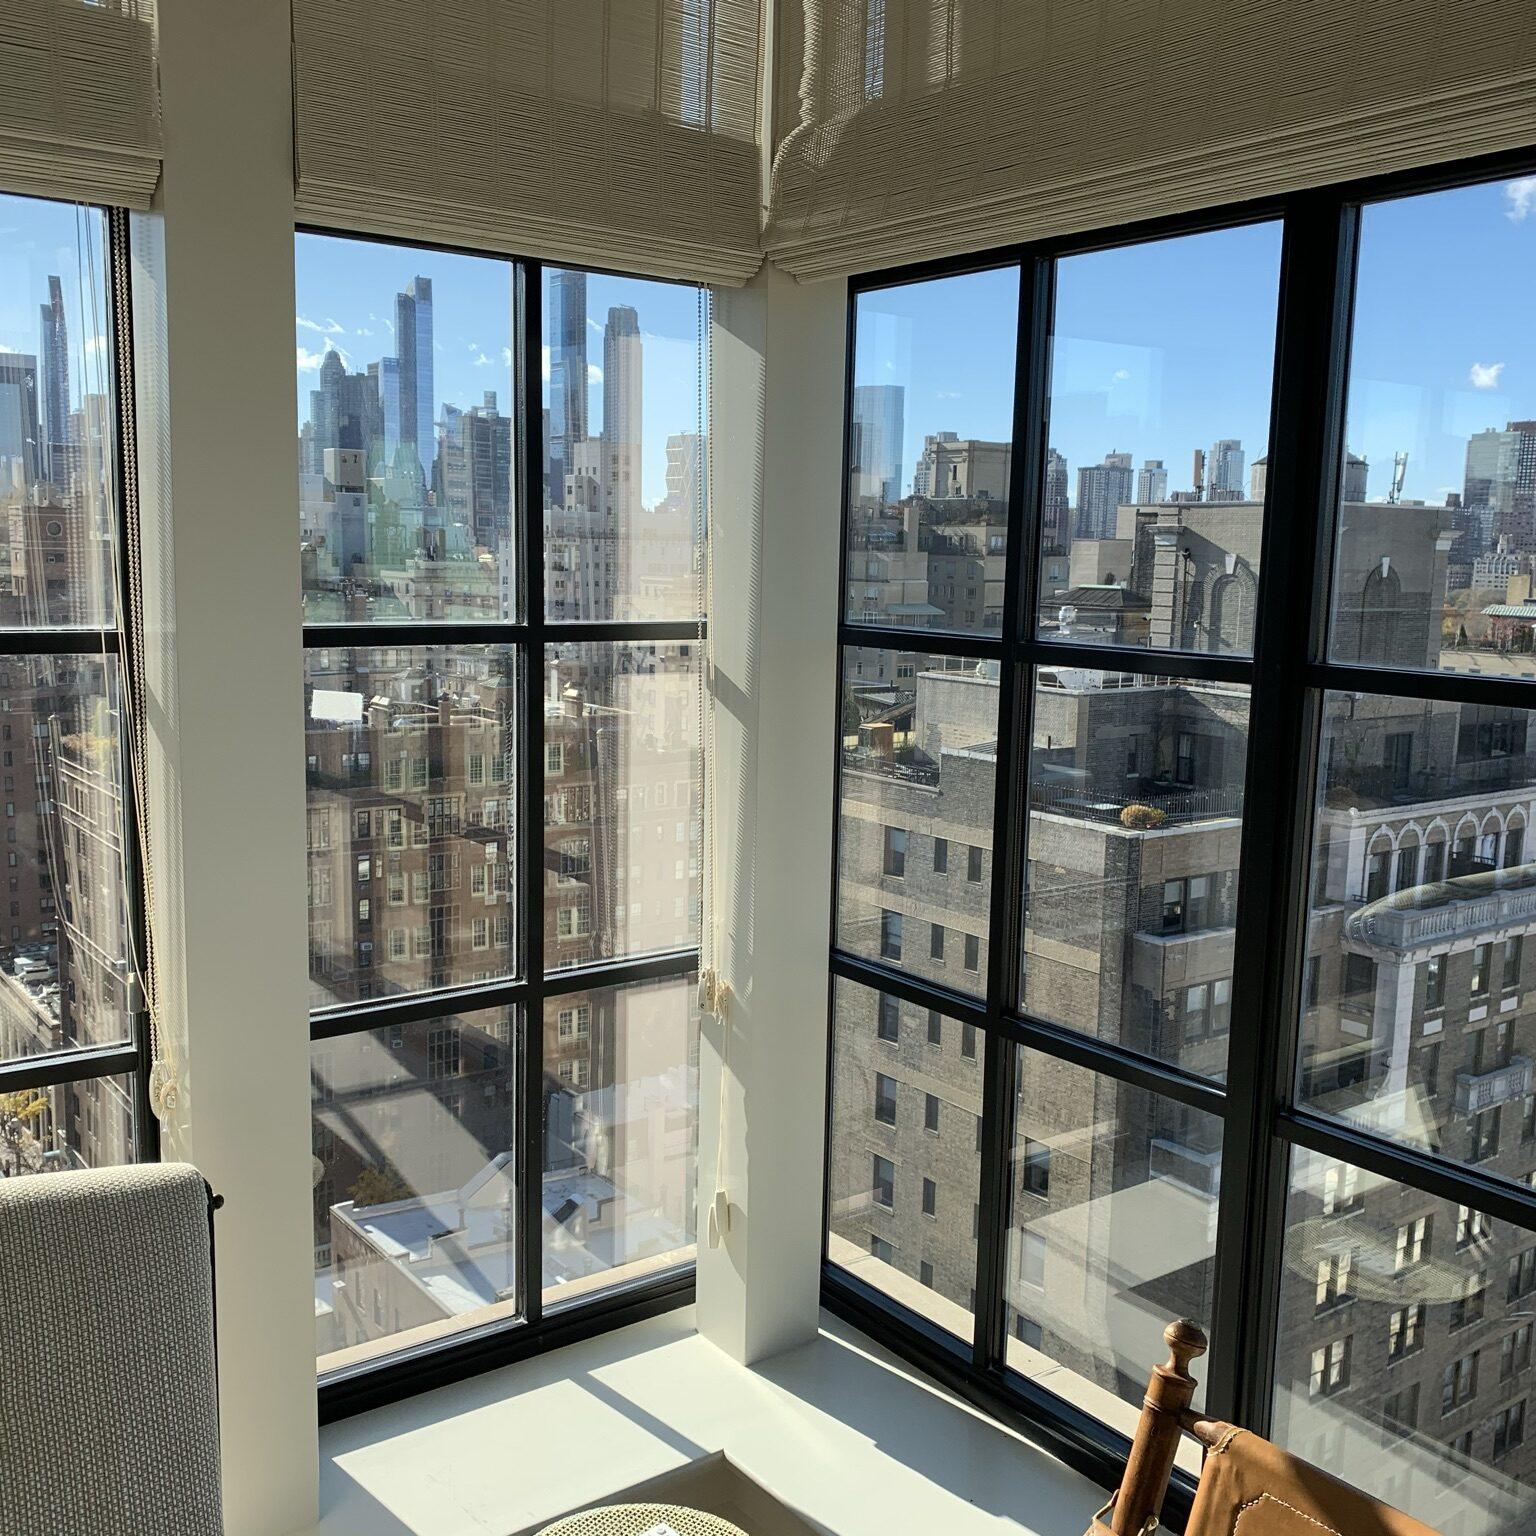 Breakfast-nook-high-above-Manhattan-square